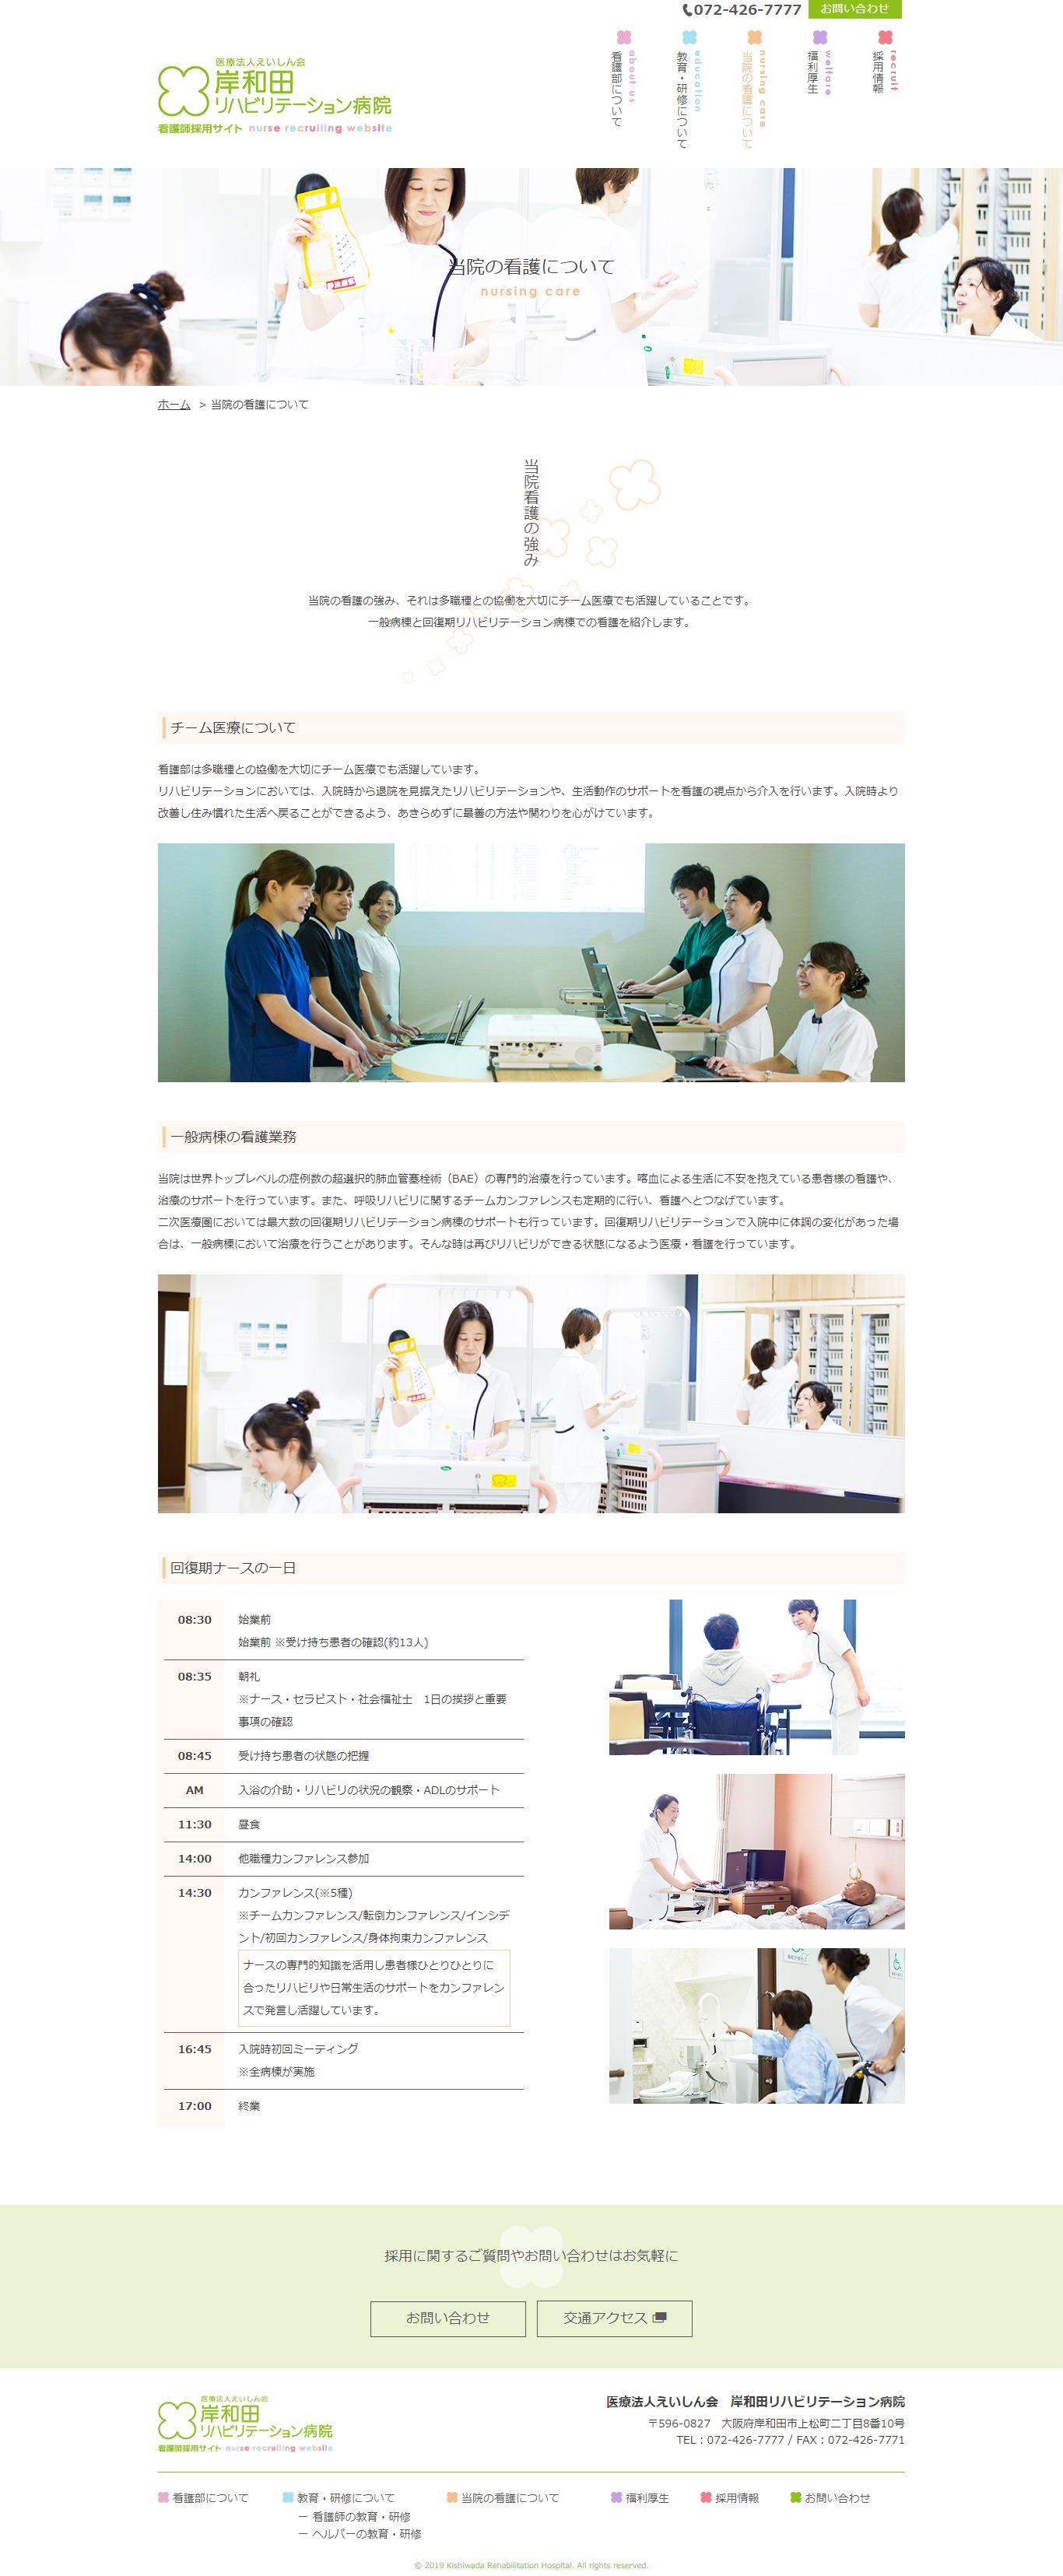 2018年4月作成「岸和田リハビリテーション病院」看護部サイト_サブ画像